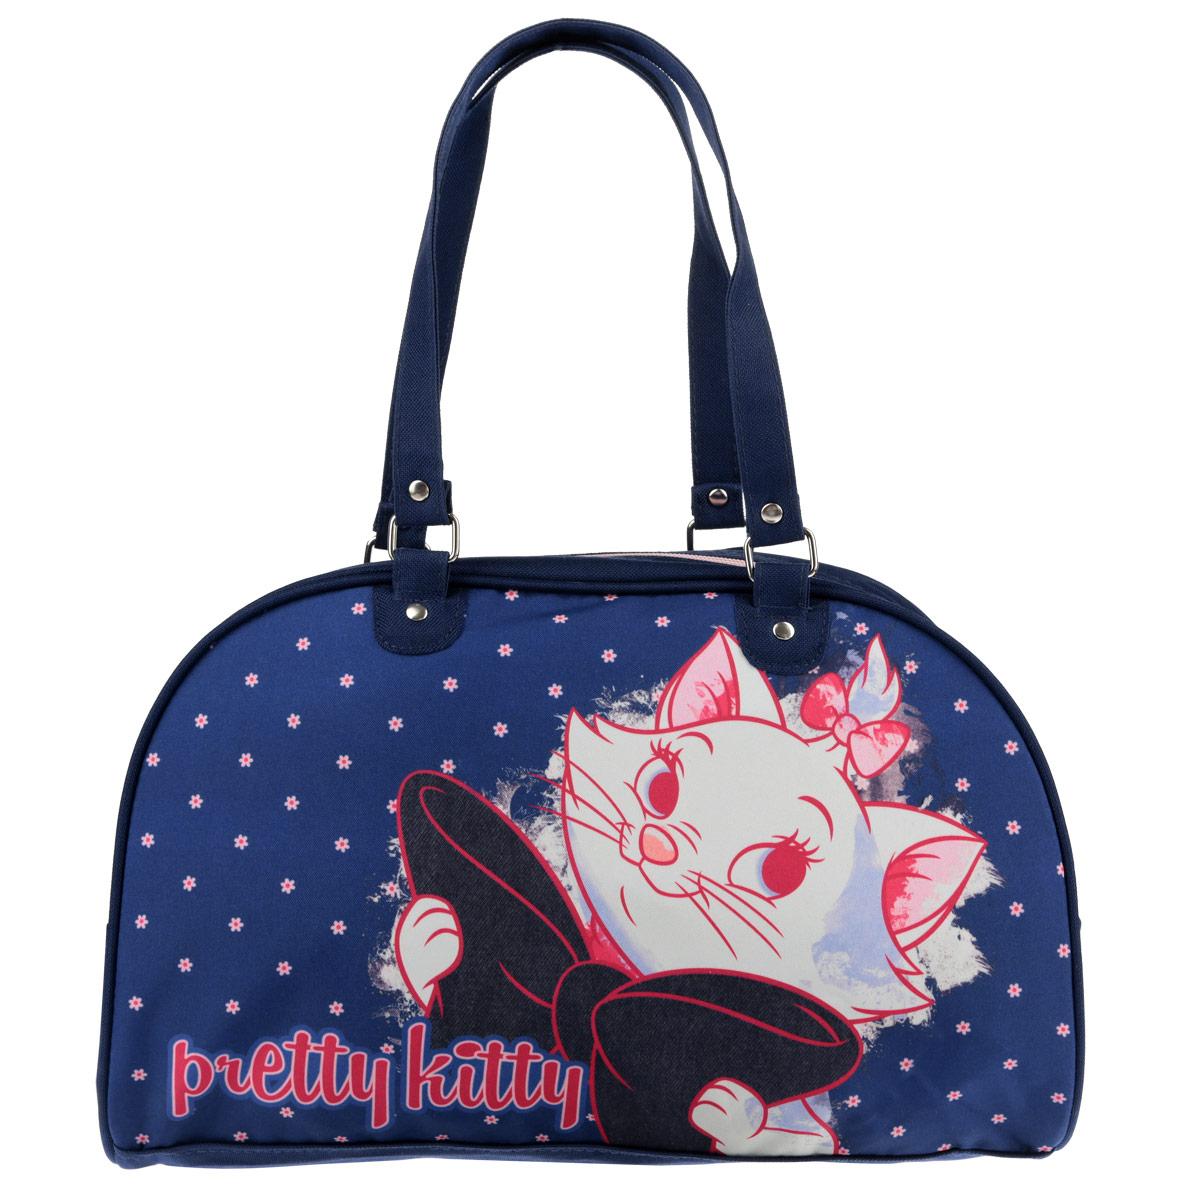 Сумочка Marie Cat, цвет: темно-синий. MCCB-UT1-4034MCCB-UT1-4034Стильная сумочка Marie Cat порадует любую модницу и поклонницу мультфильма.Сумочка имеет одно вместительное отделение, закрывающееся на молнию. Лицевая сторона сумочки оформлена изображением очаровательной кошечки. Она оснащена ручками для переноски в руке. Высота ручек 20 см. Каждая юная поклонница популярного мультфильма будет рада такому аксессуару.Предназначено для детей 7-10 лет.